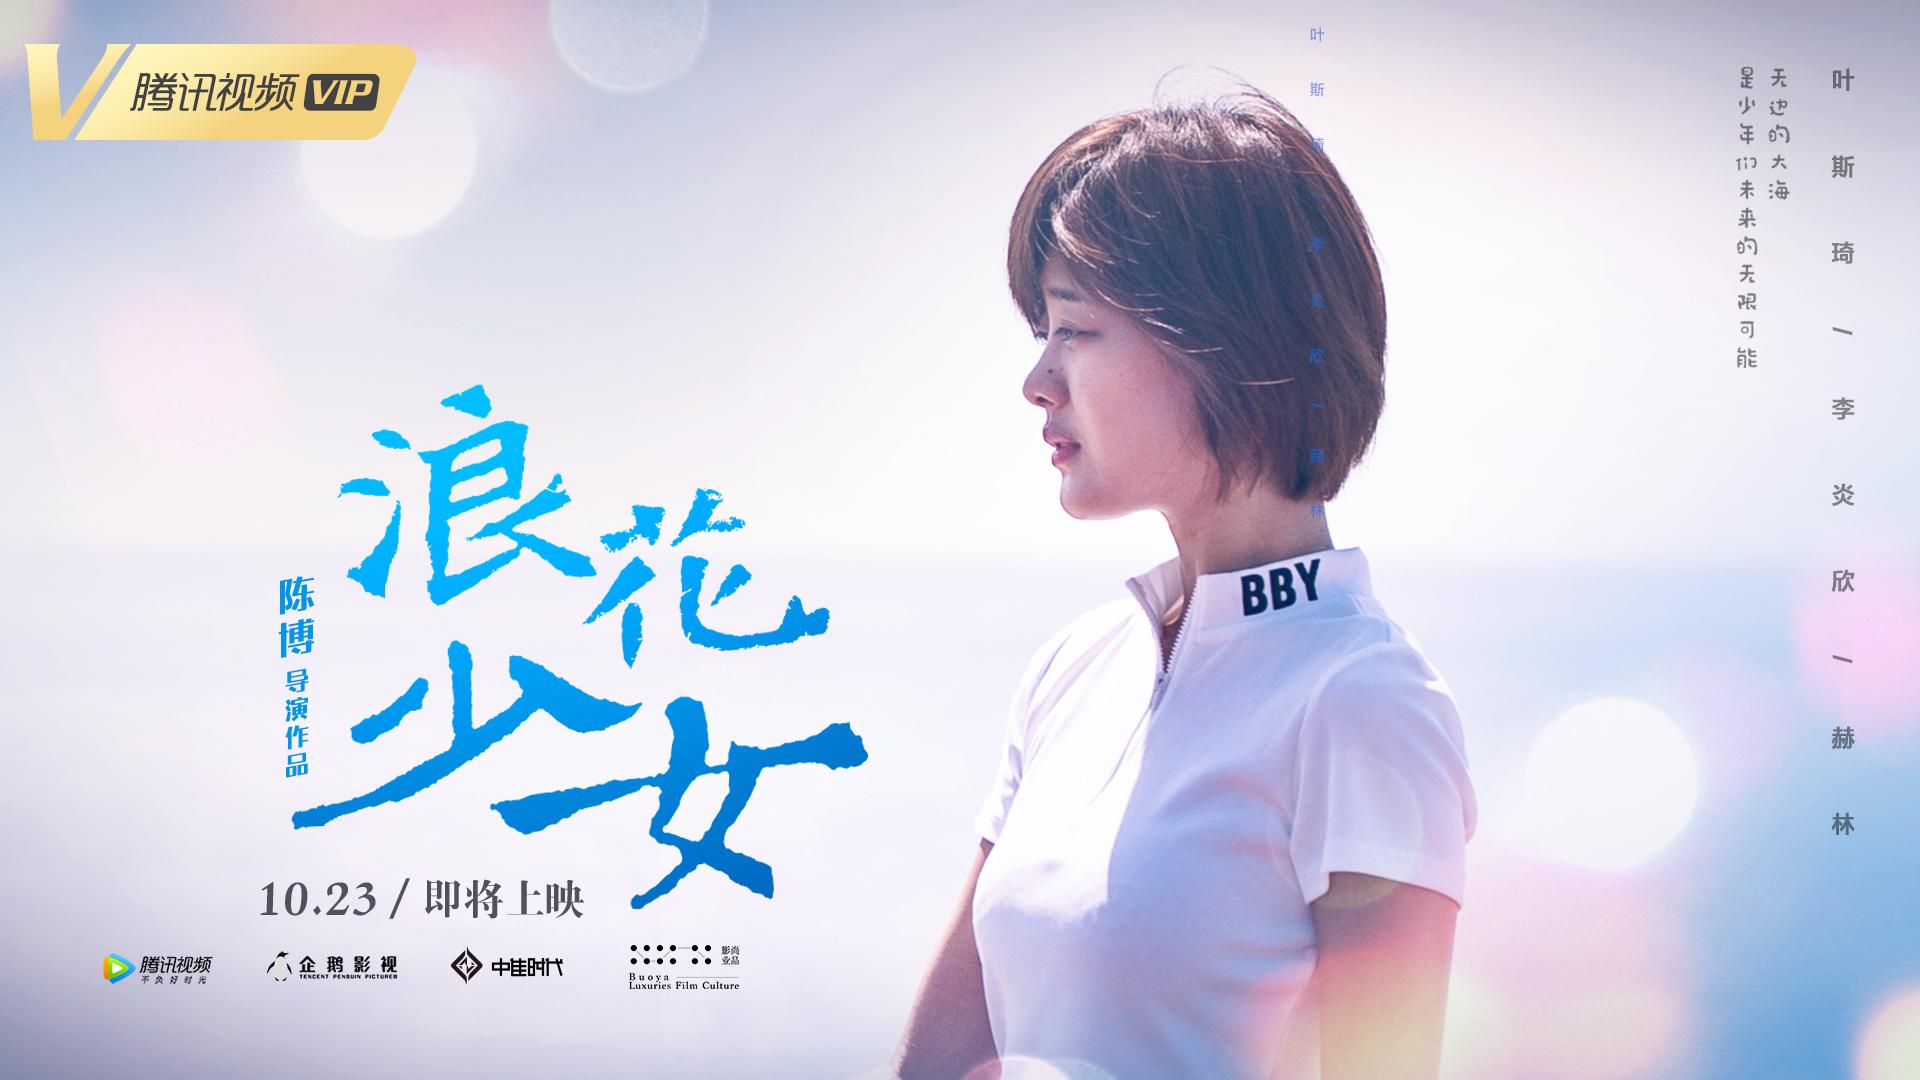 《浪花少女》曝人物海报 励志发展谱写青春之歌